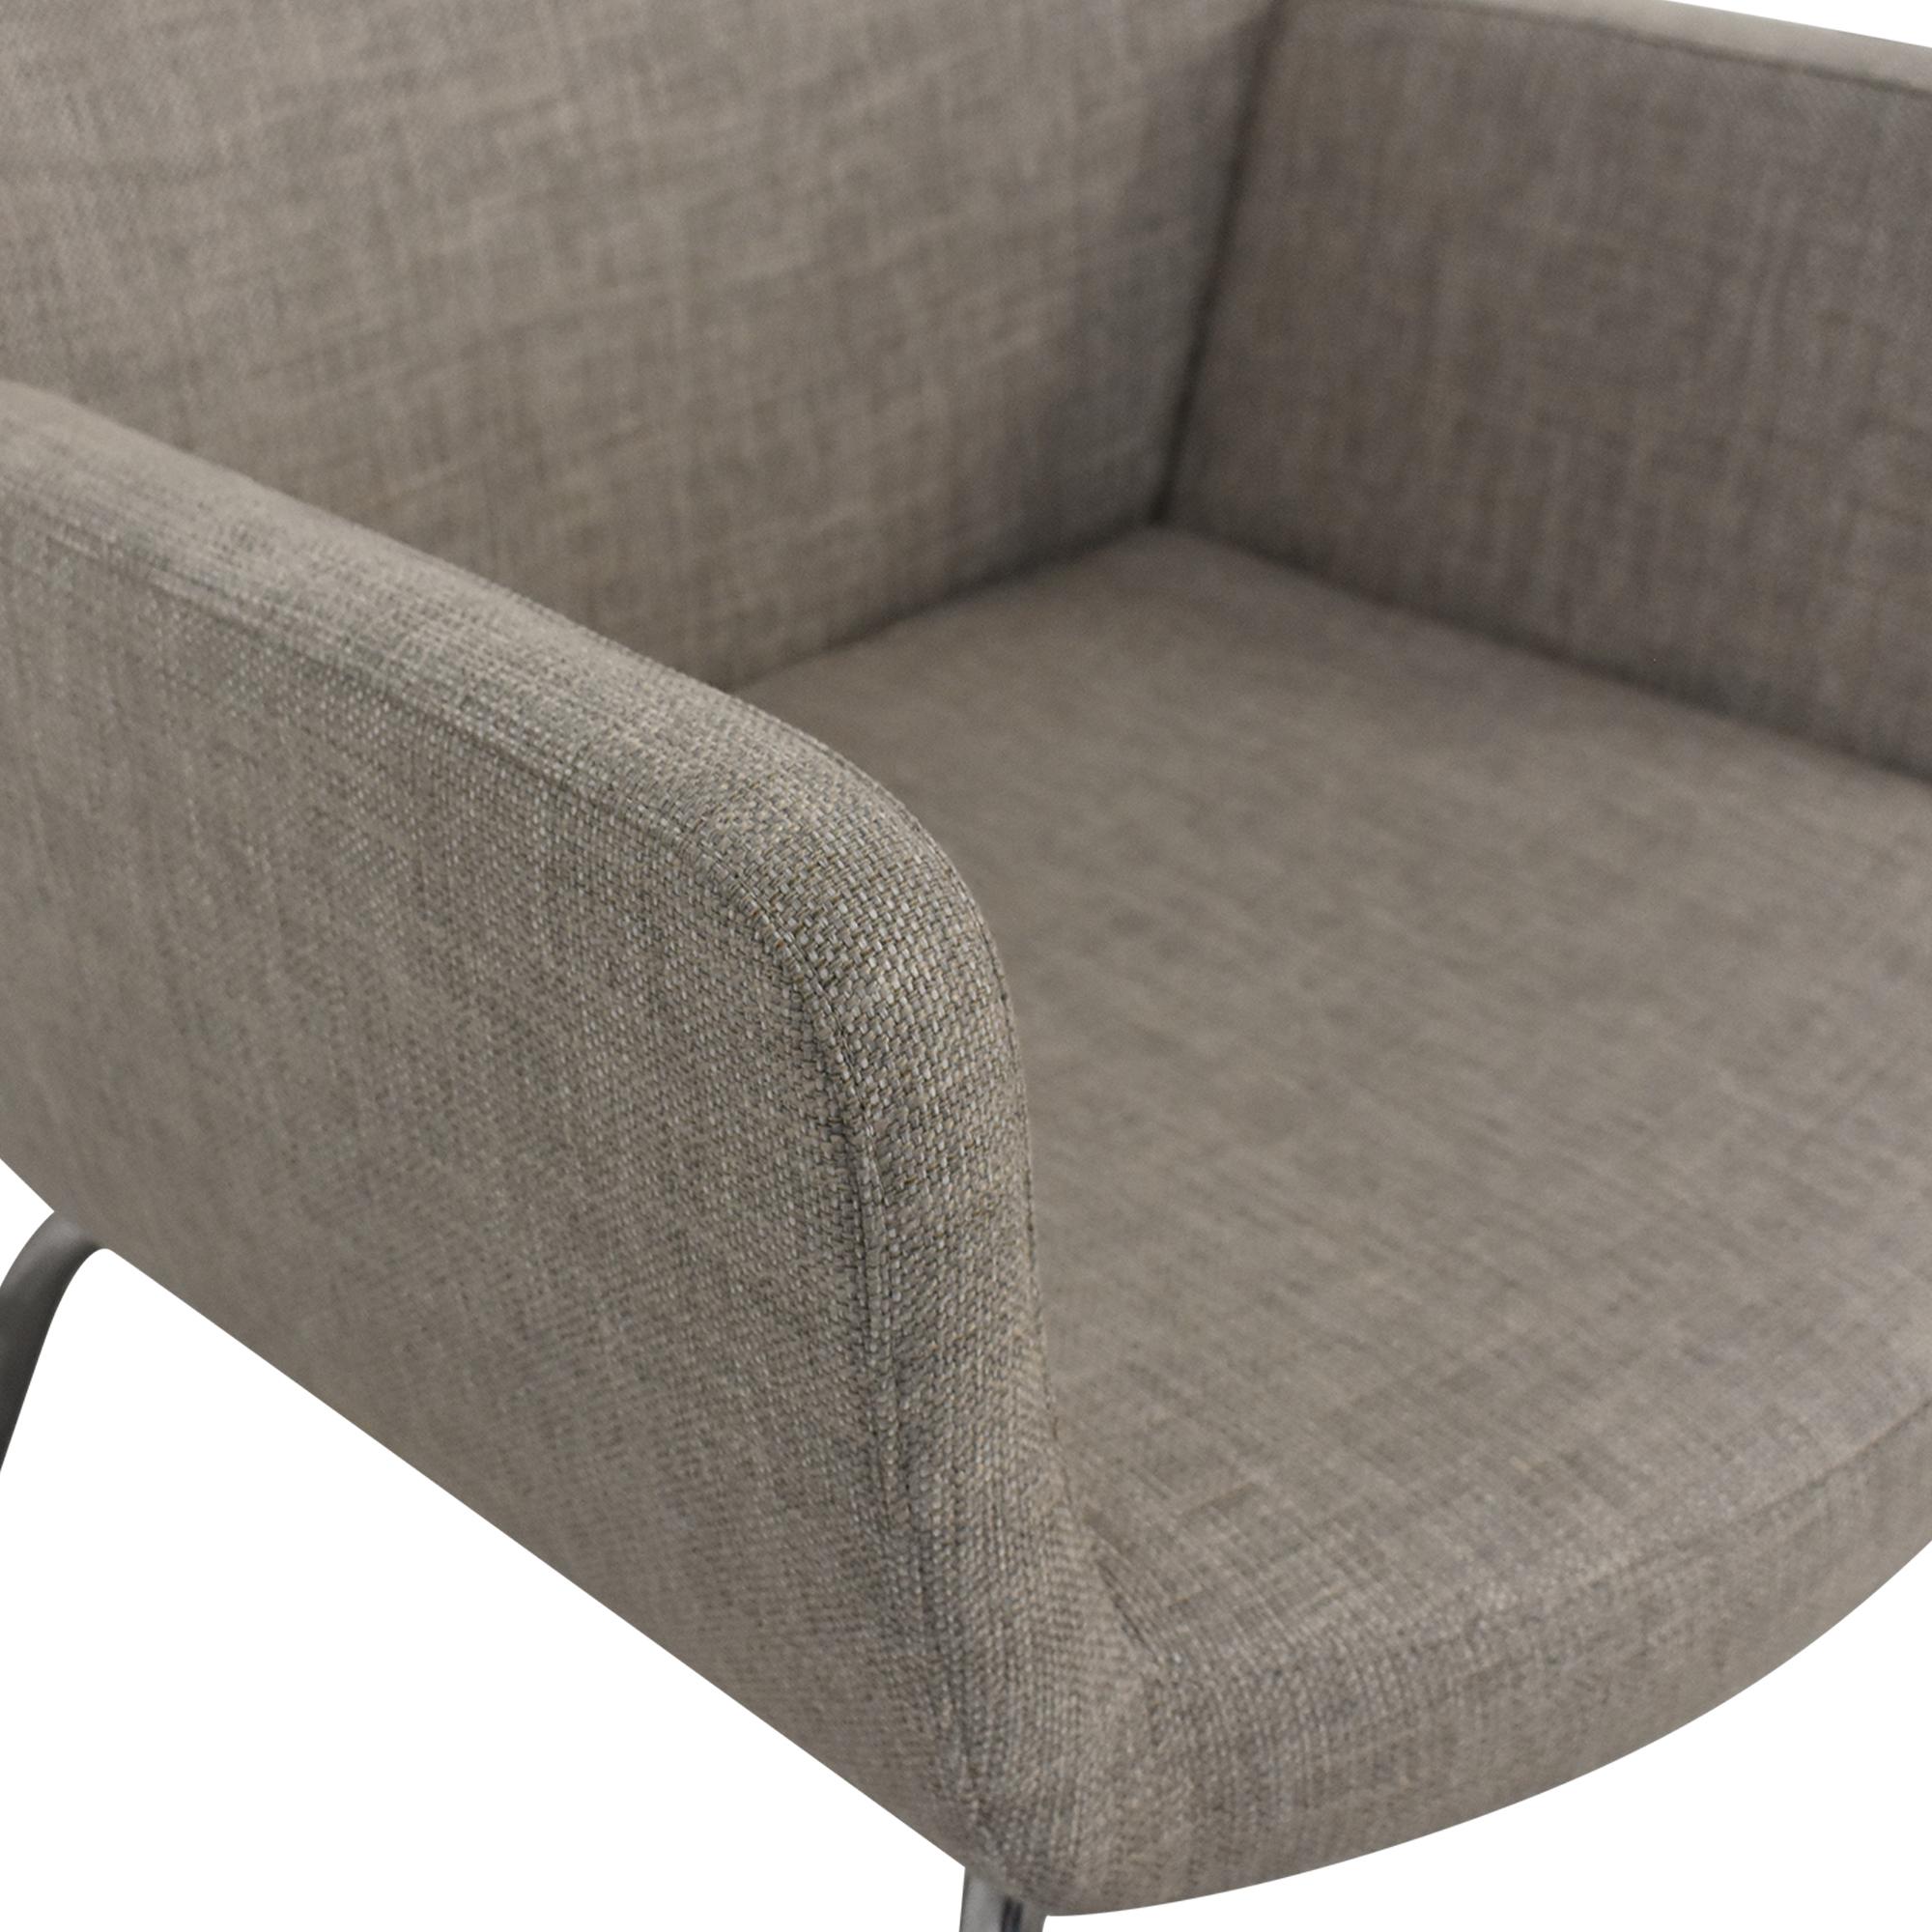 Steelcaase Coalesse Bindu Side Chair / Chairs